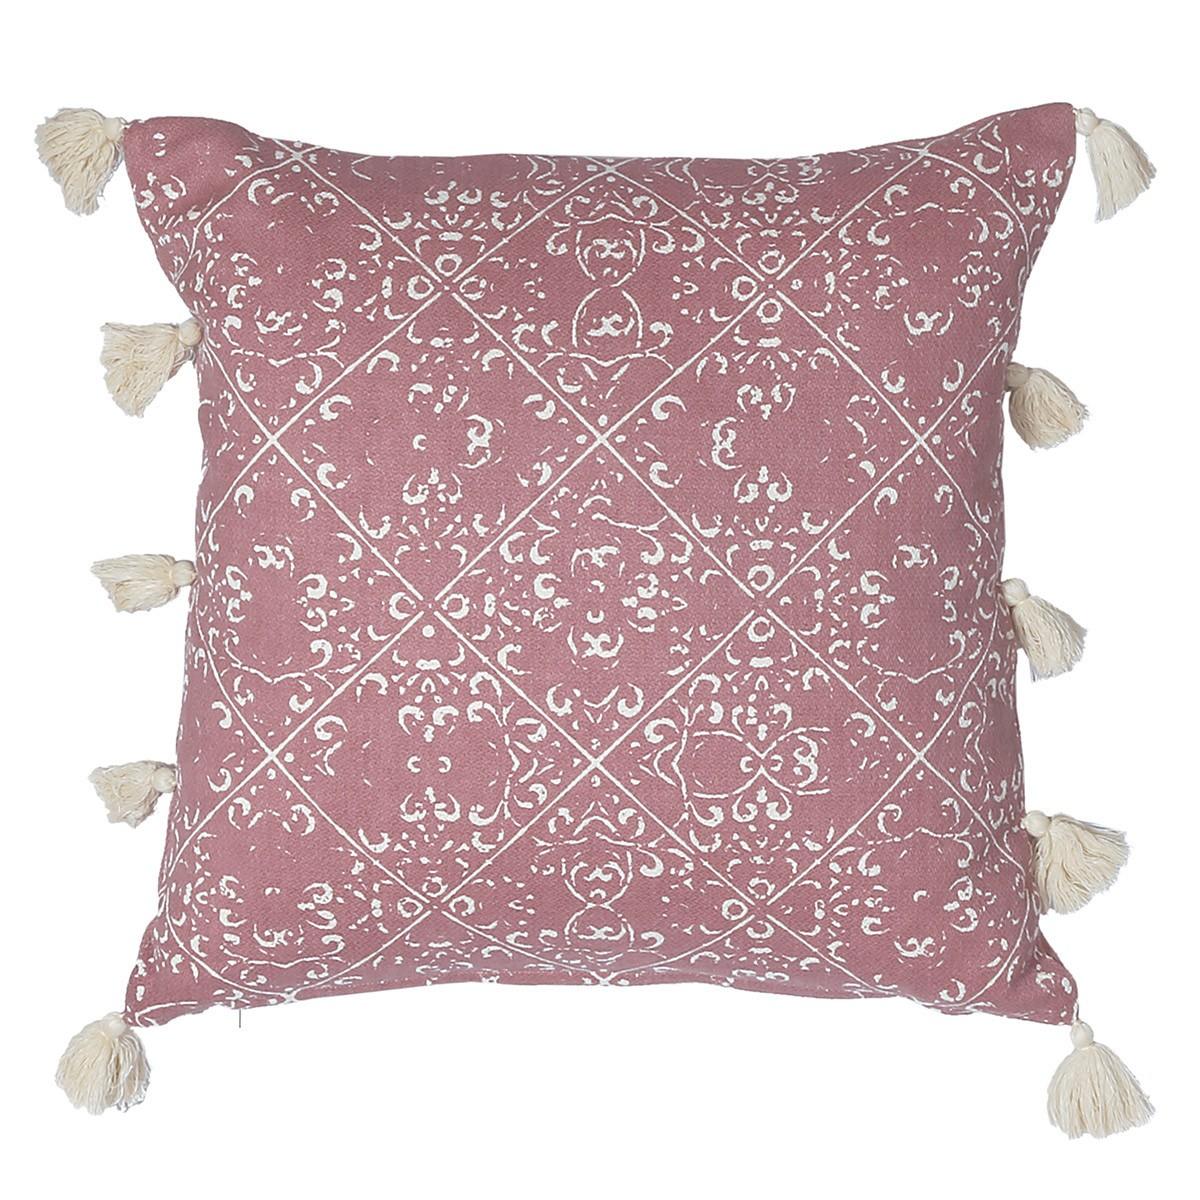 Διακοσμητικό Μαξιλάρι Nef-Nef Tiles Lilac